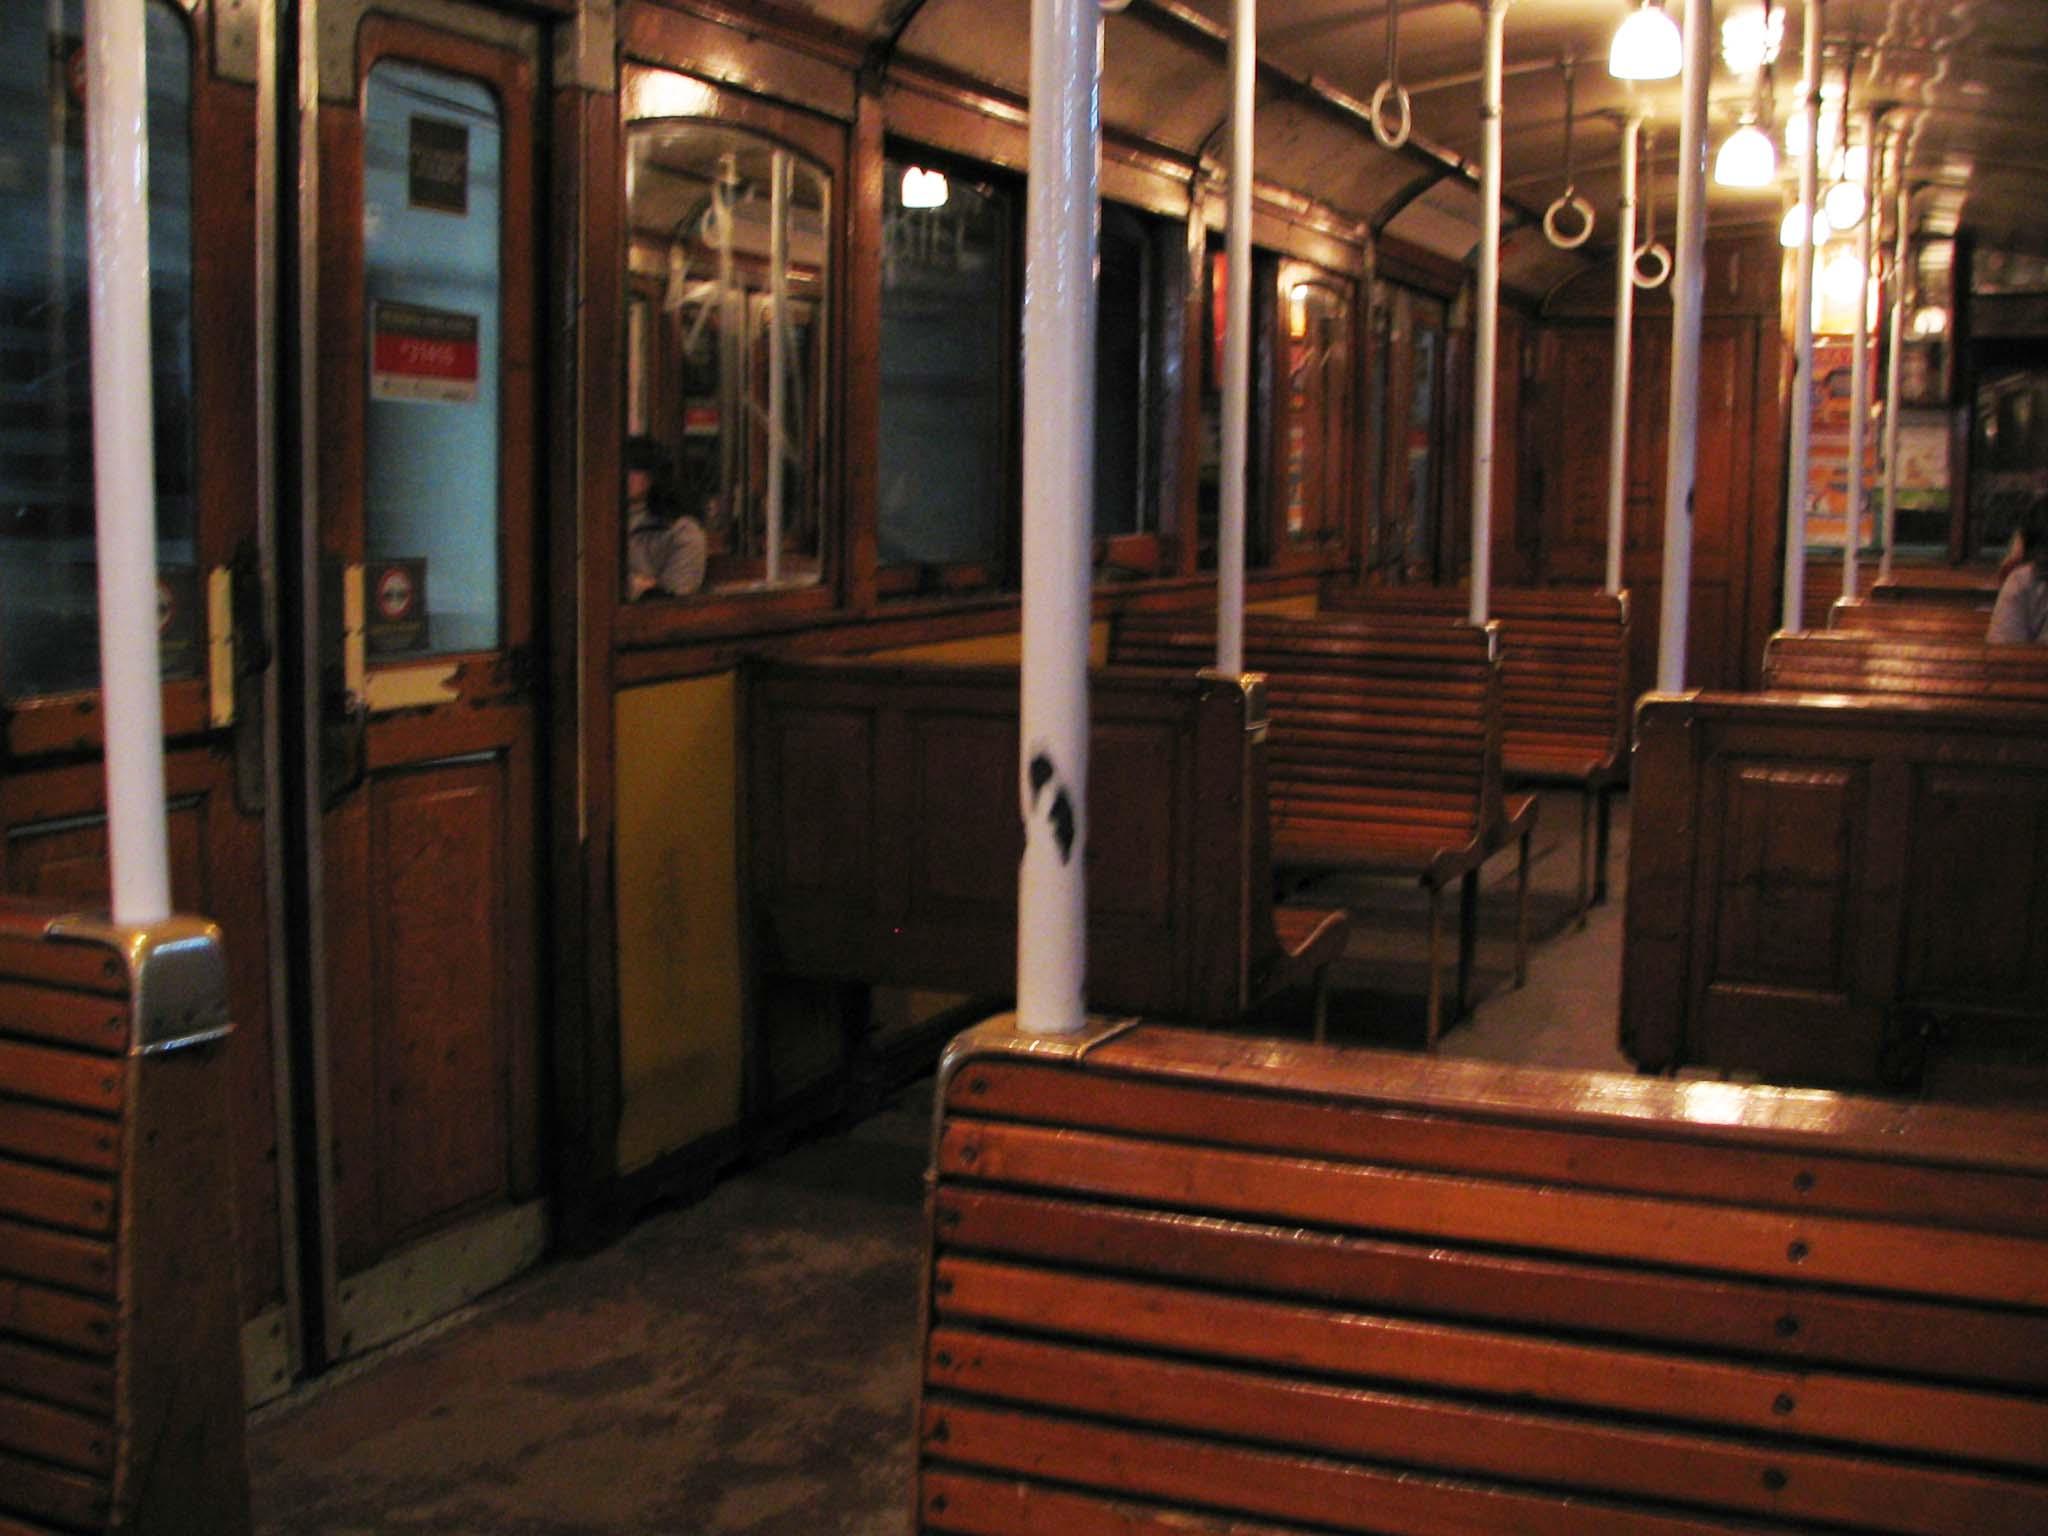 Holzklasse in der Metro von Buenos Aires